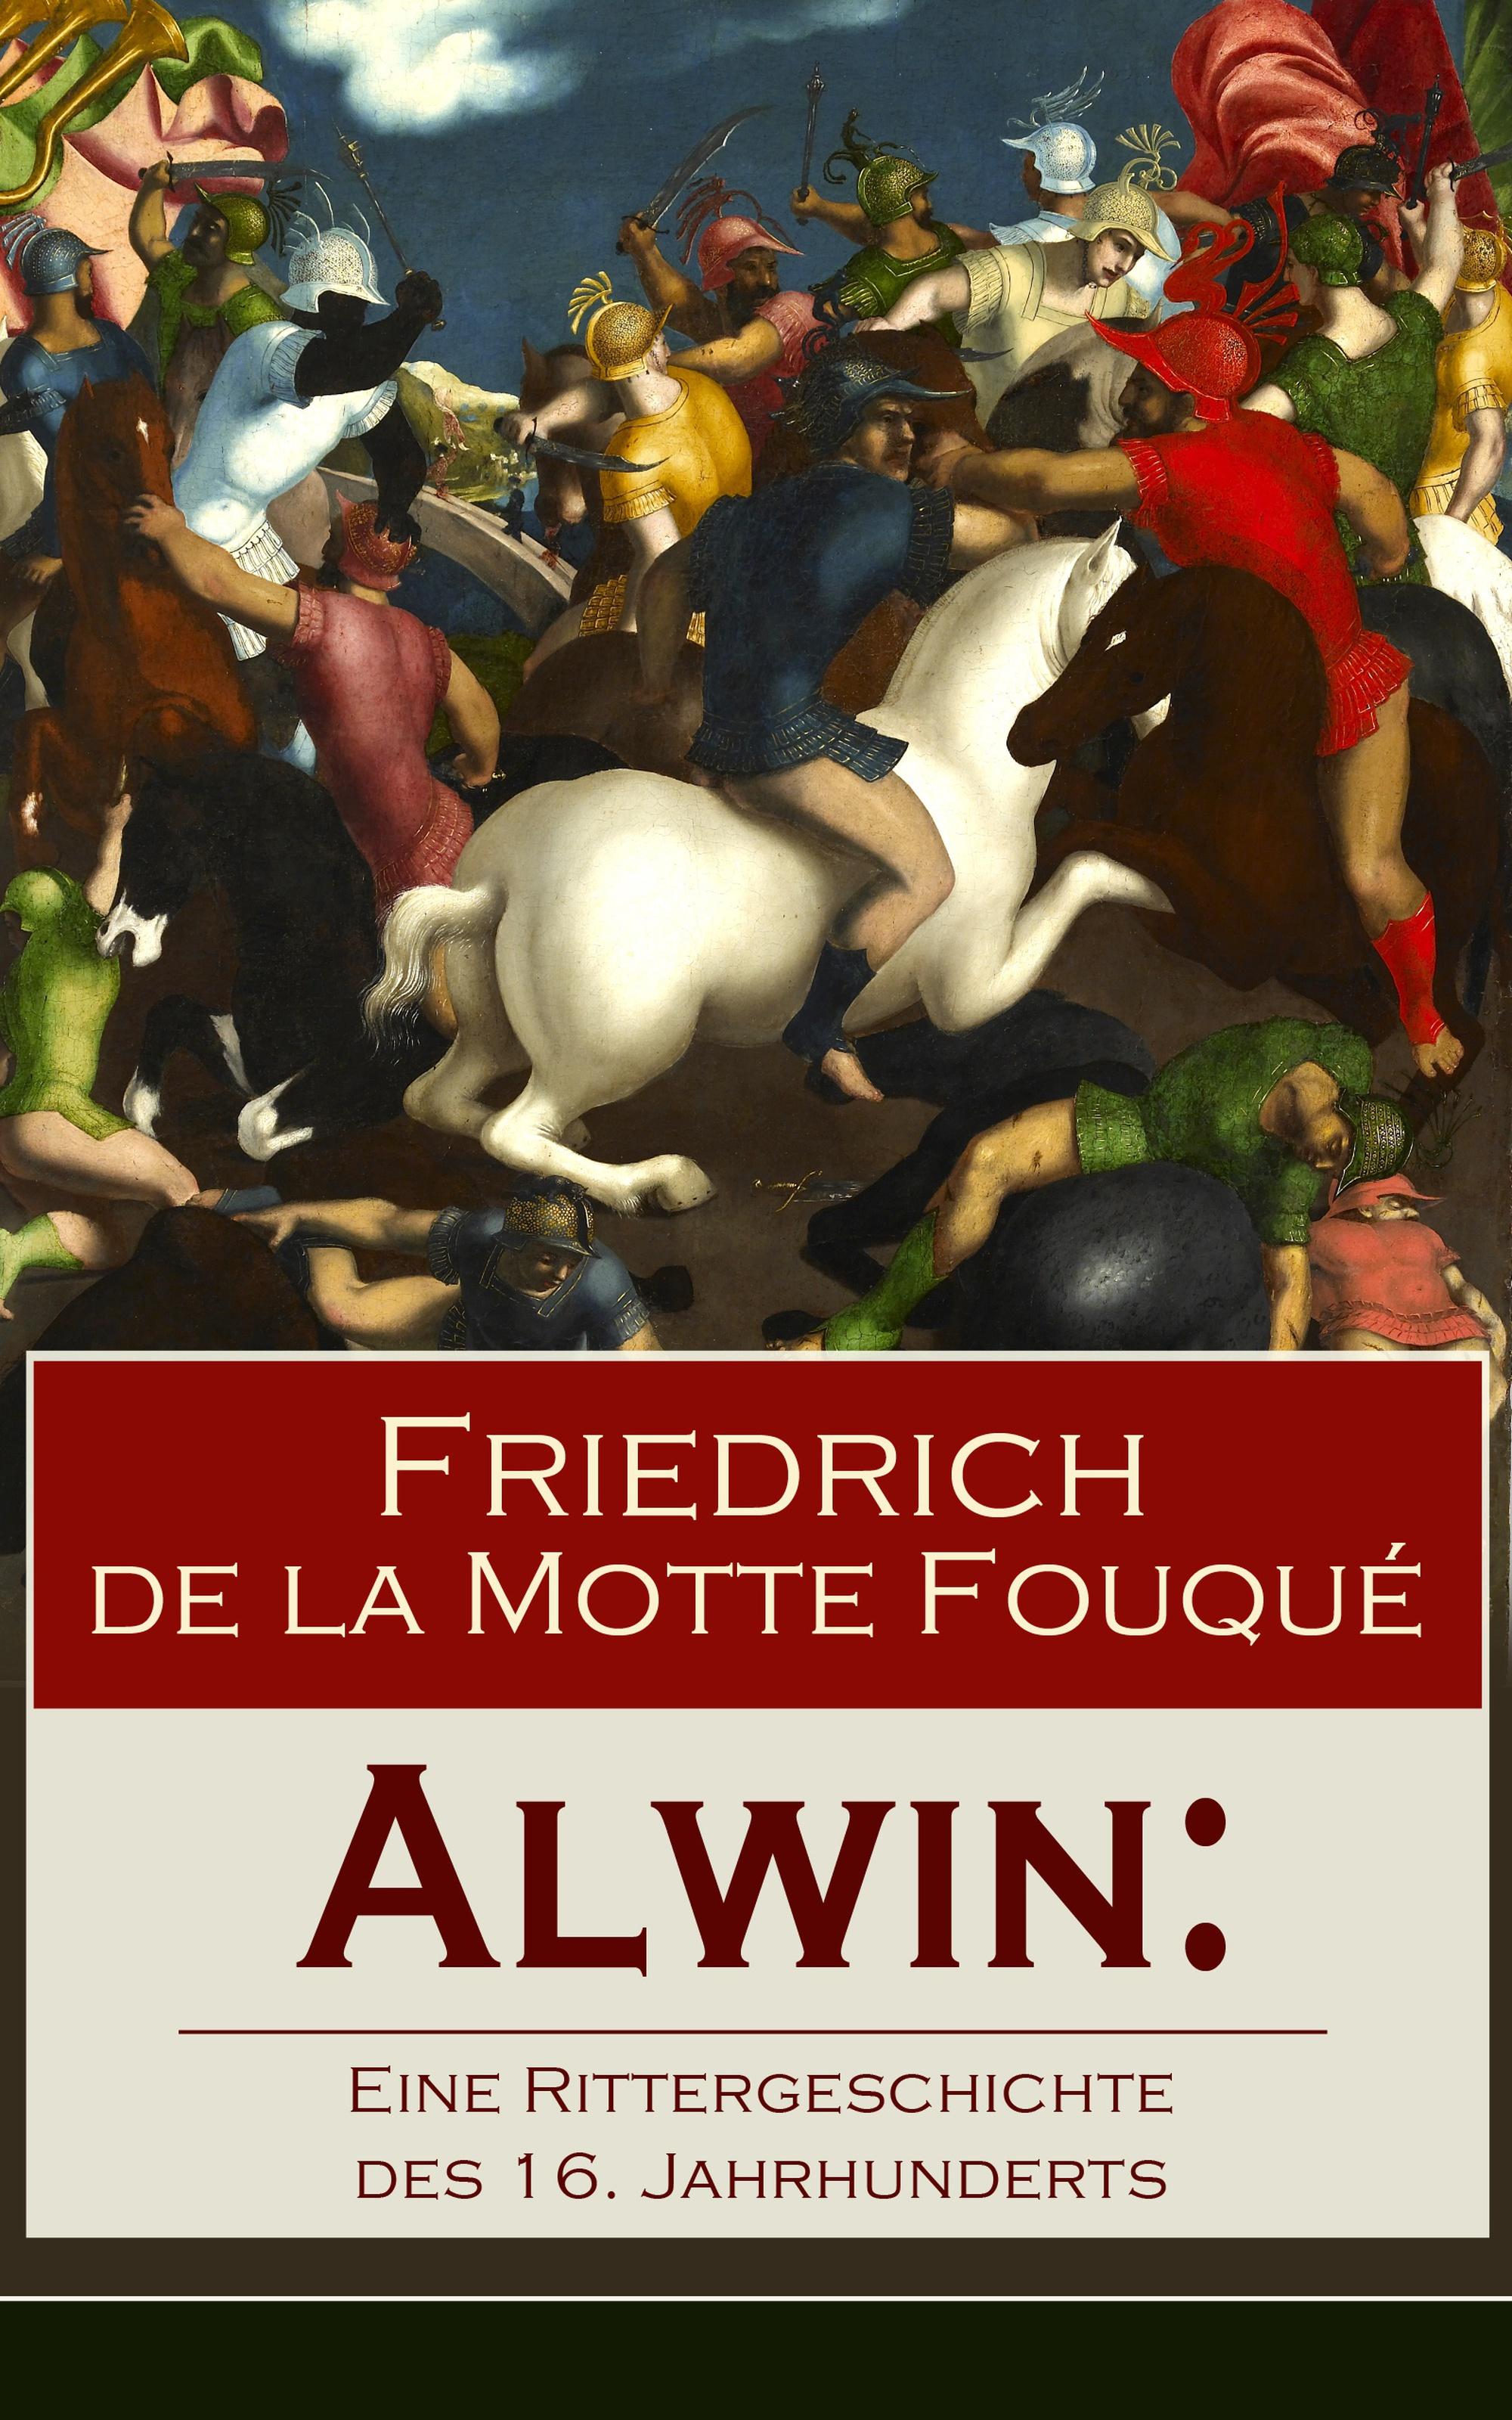 Friedrich de la Motte Fouque Alwin: Eine Rittergeschichte des 16. Jahrhunderts